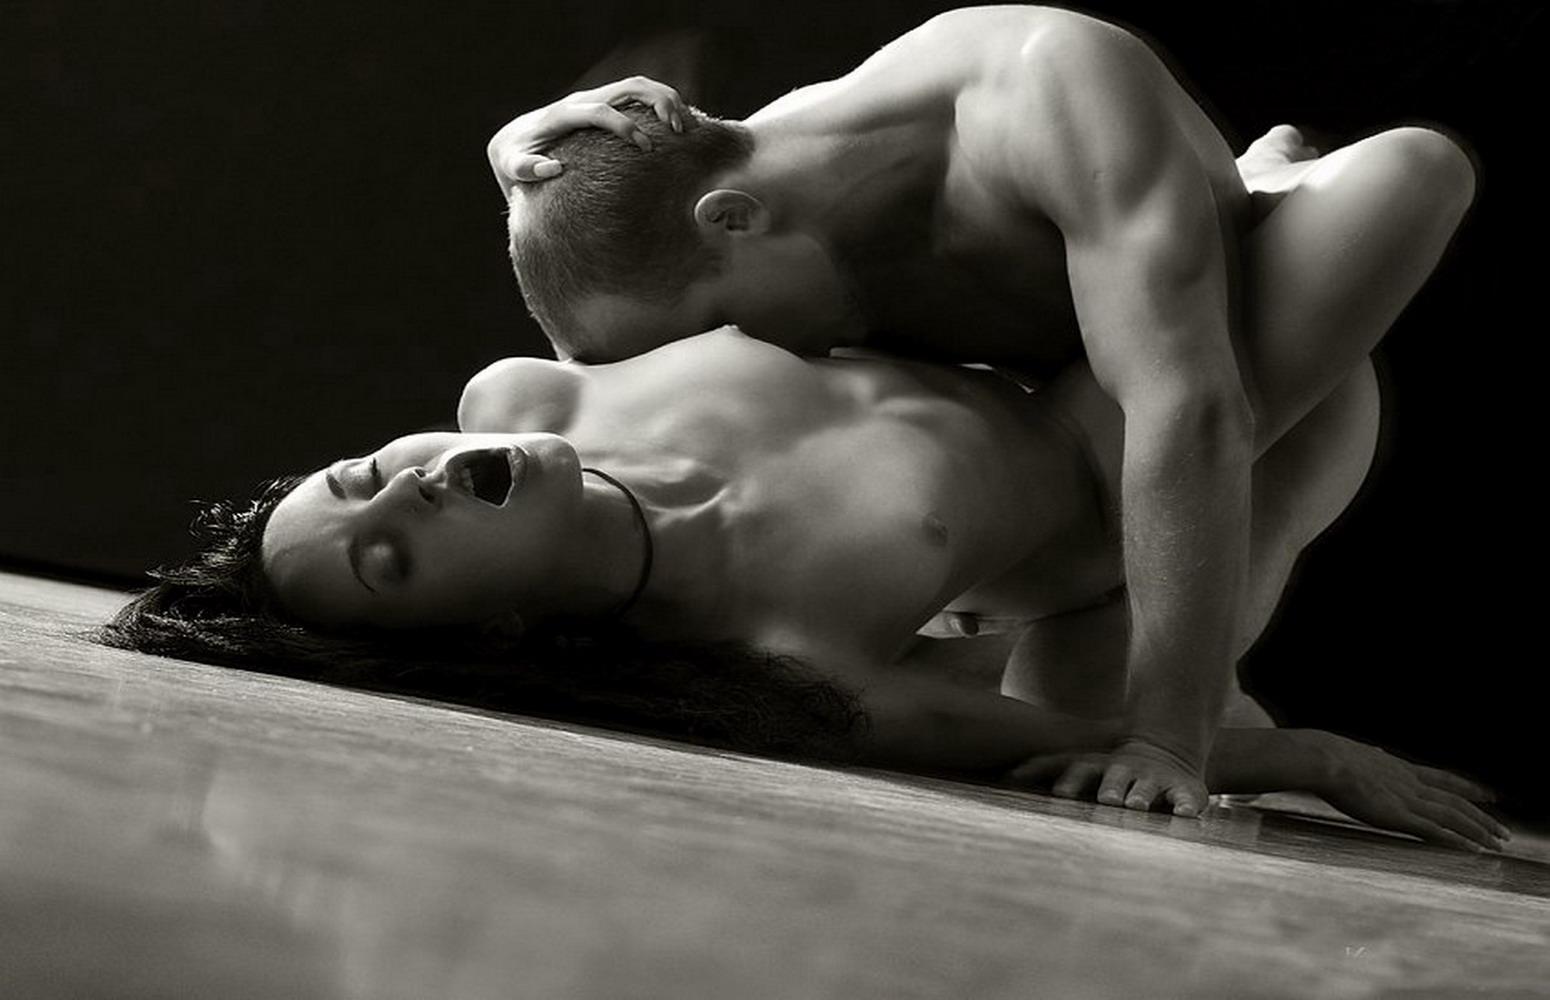 Секс интим фото эротика, Красивый секс молодых пар в разных позах (75 Фото) 3 фотография